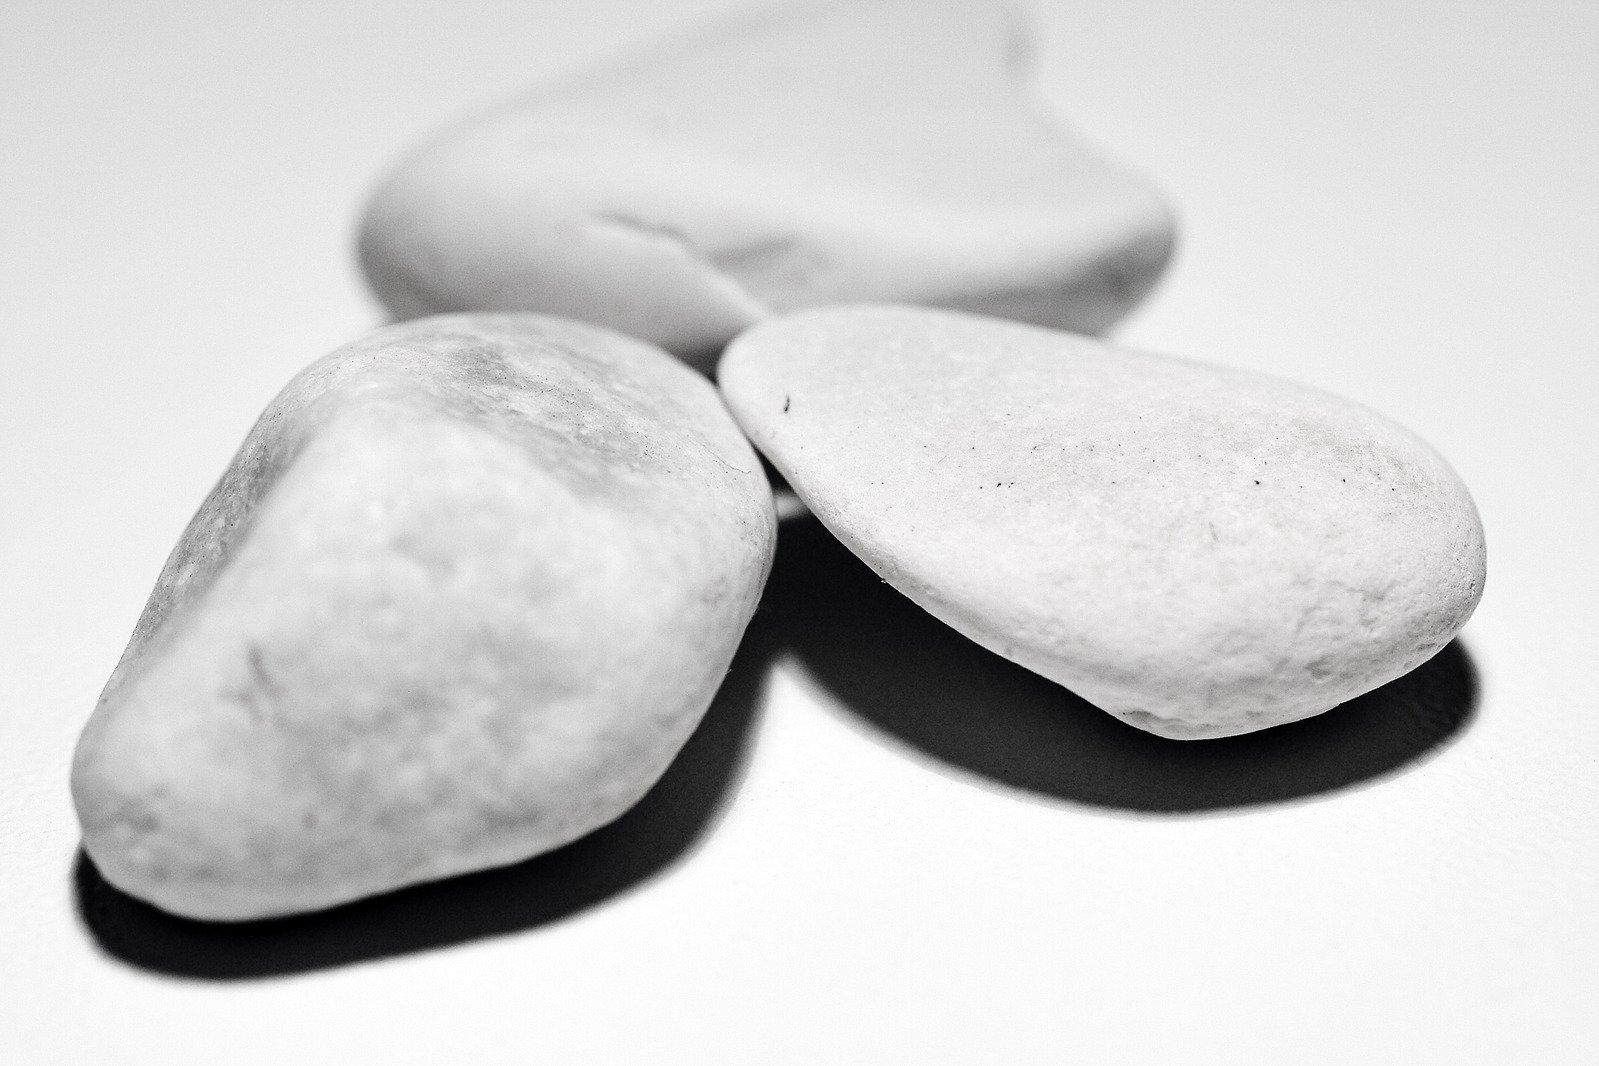 stones-1395796